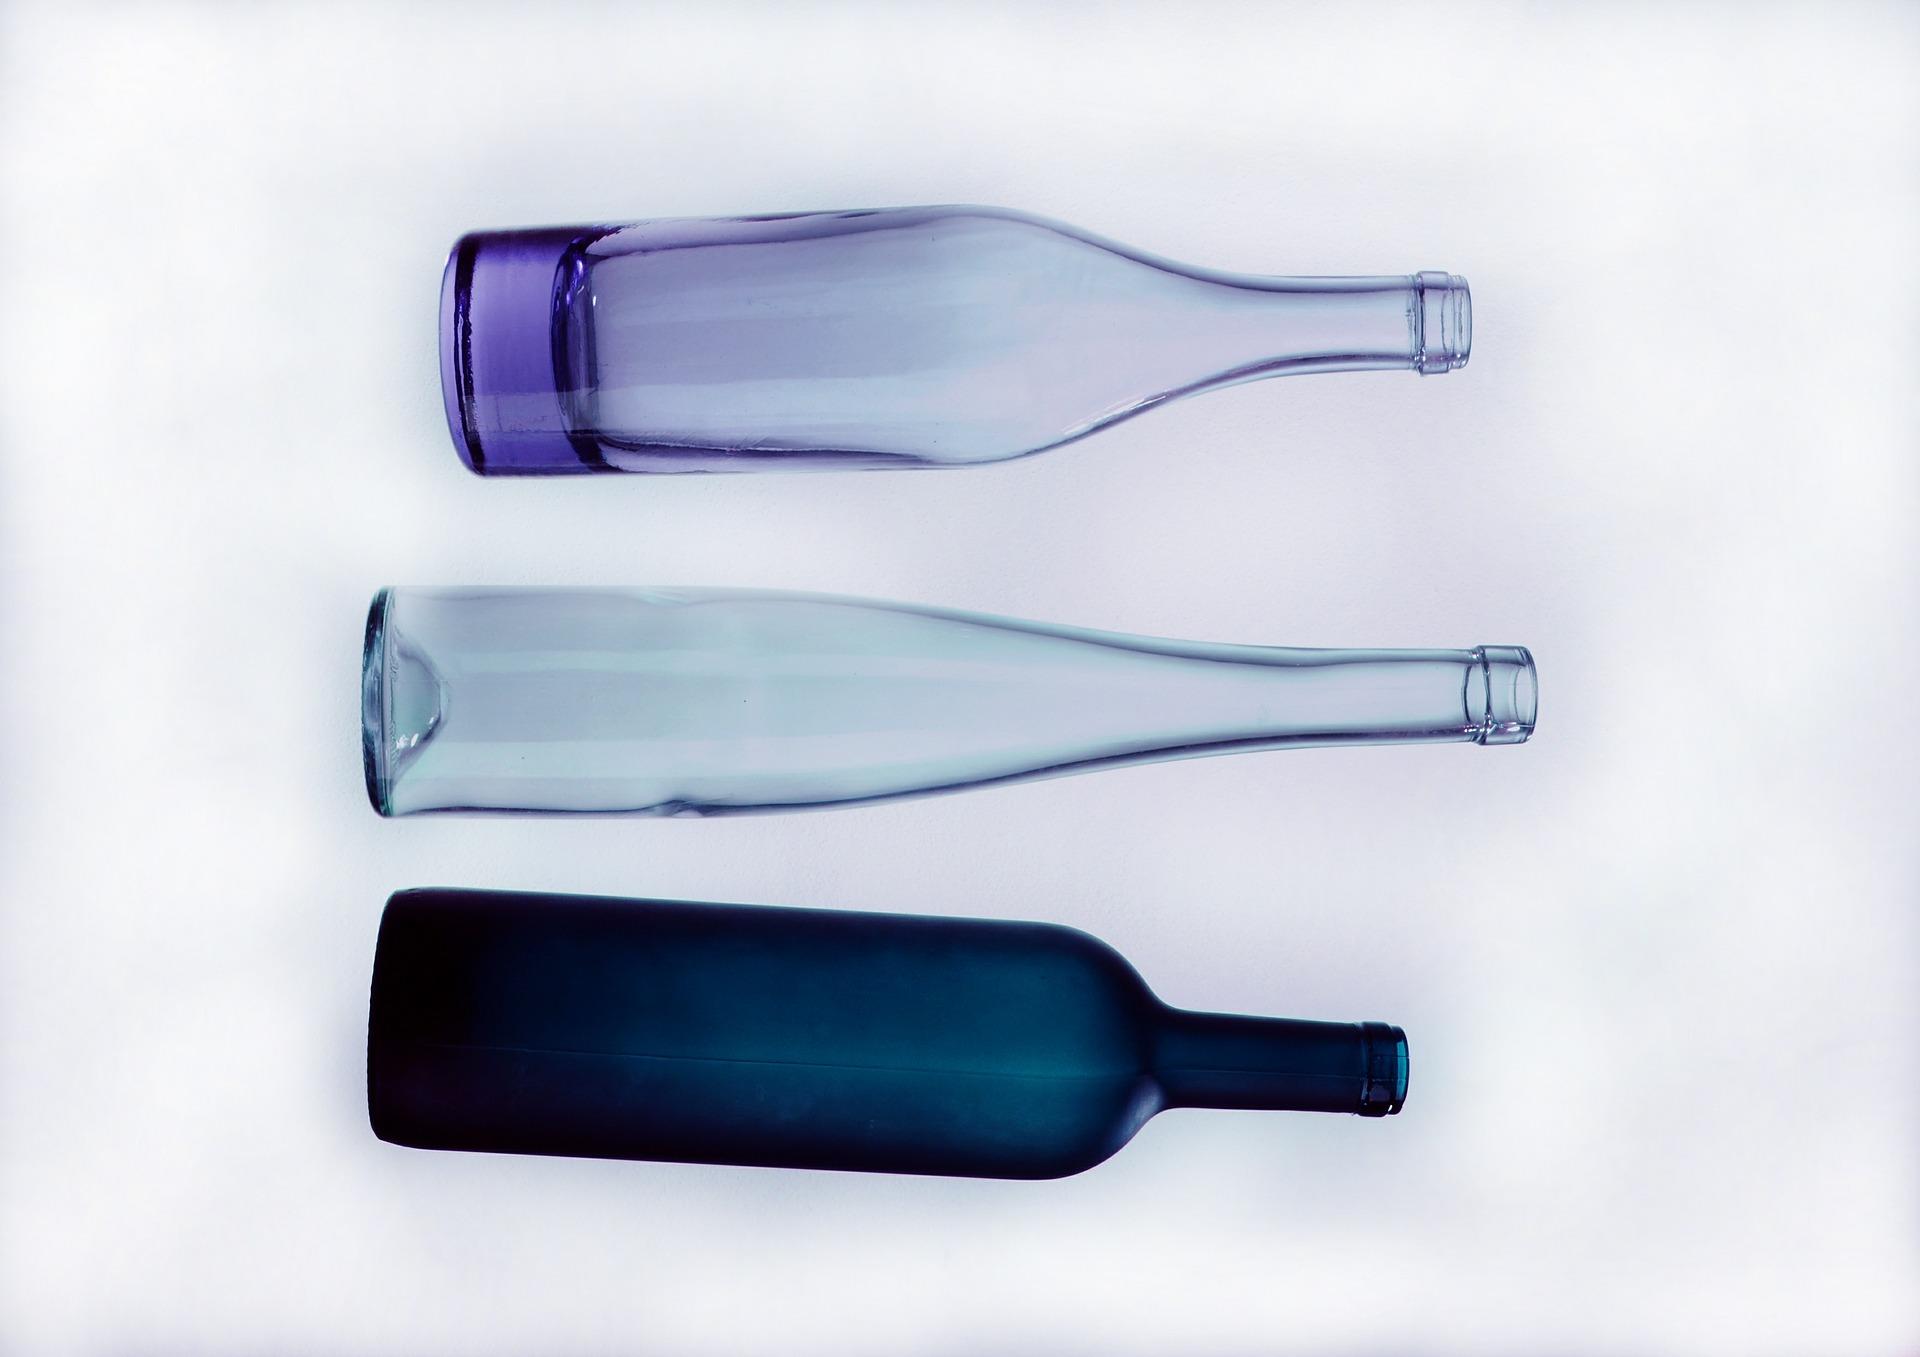 meilleurs coupe-bouteilles